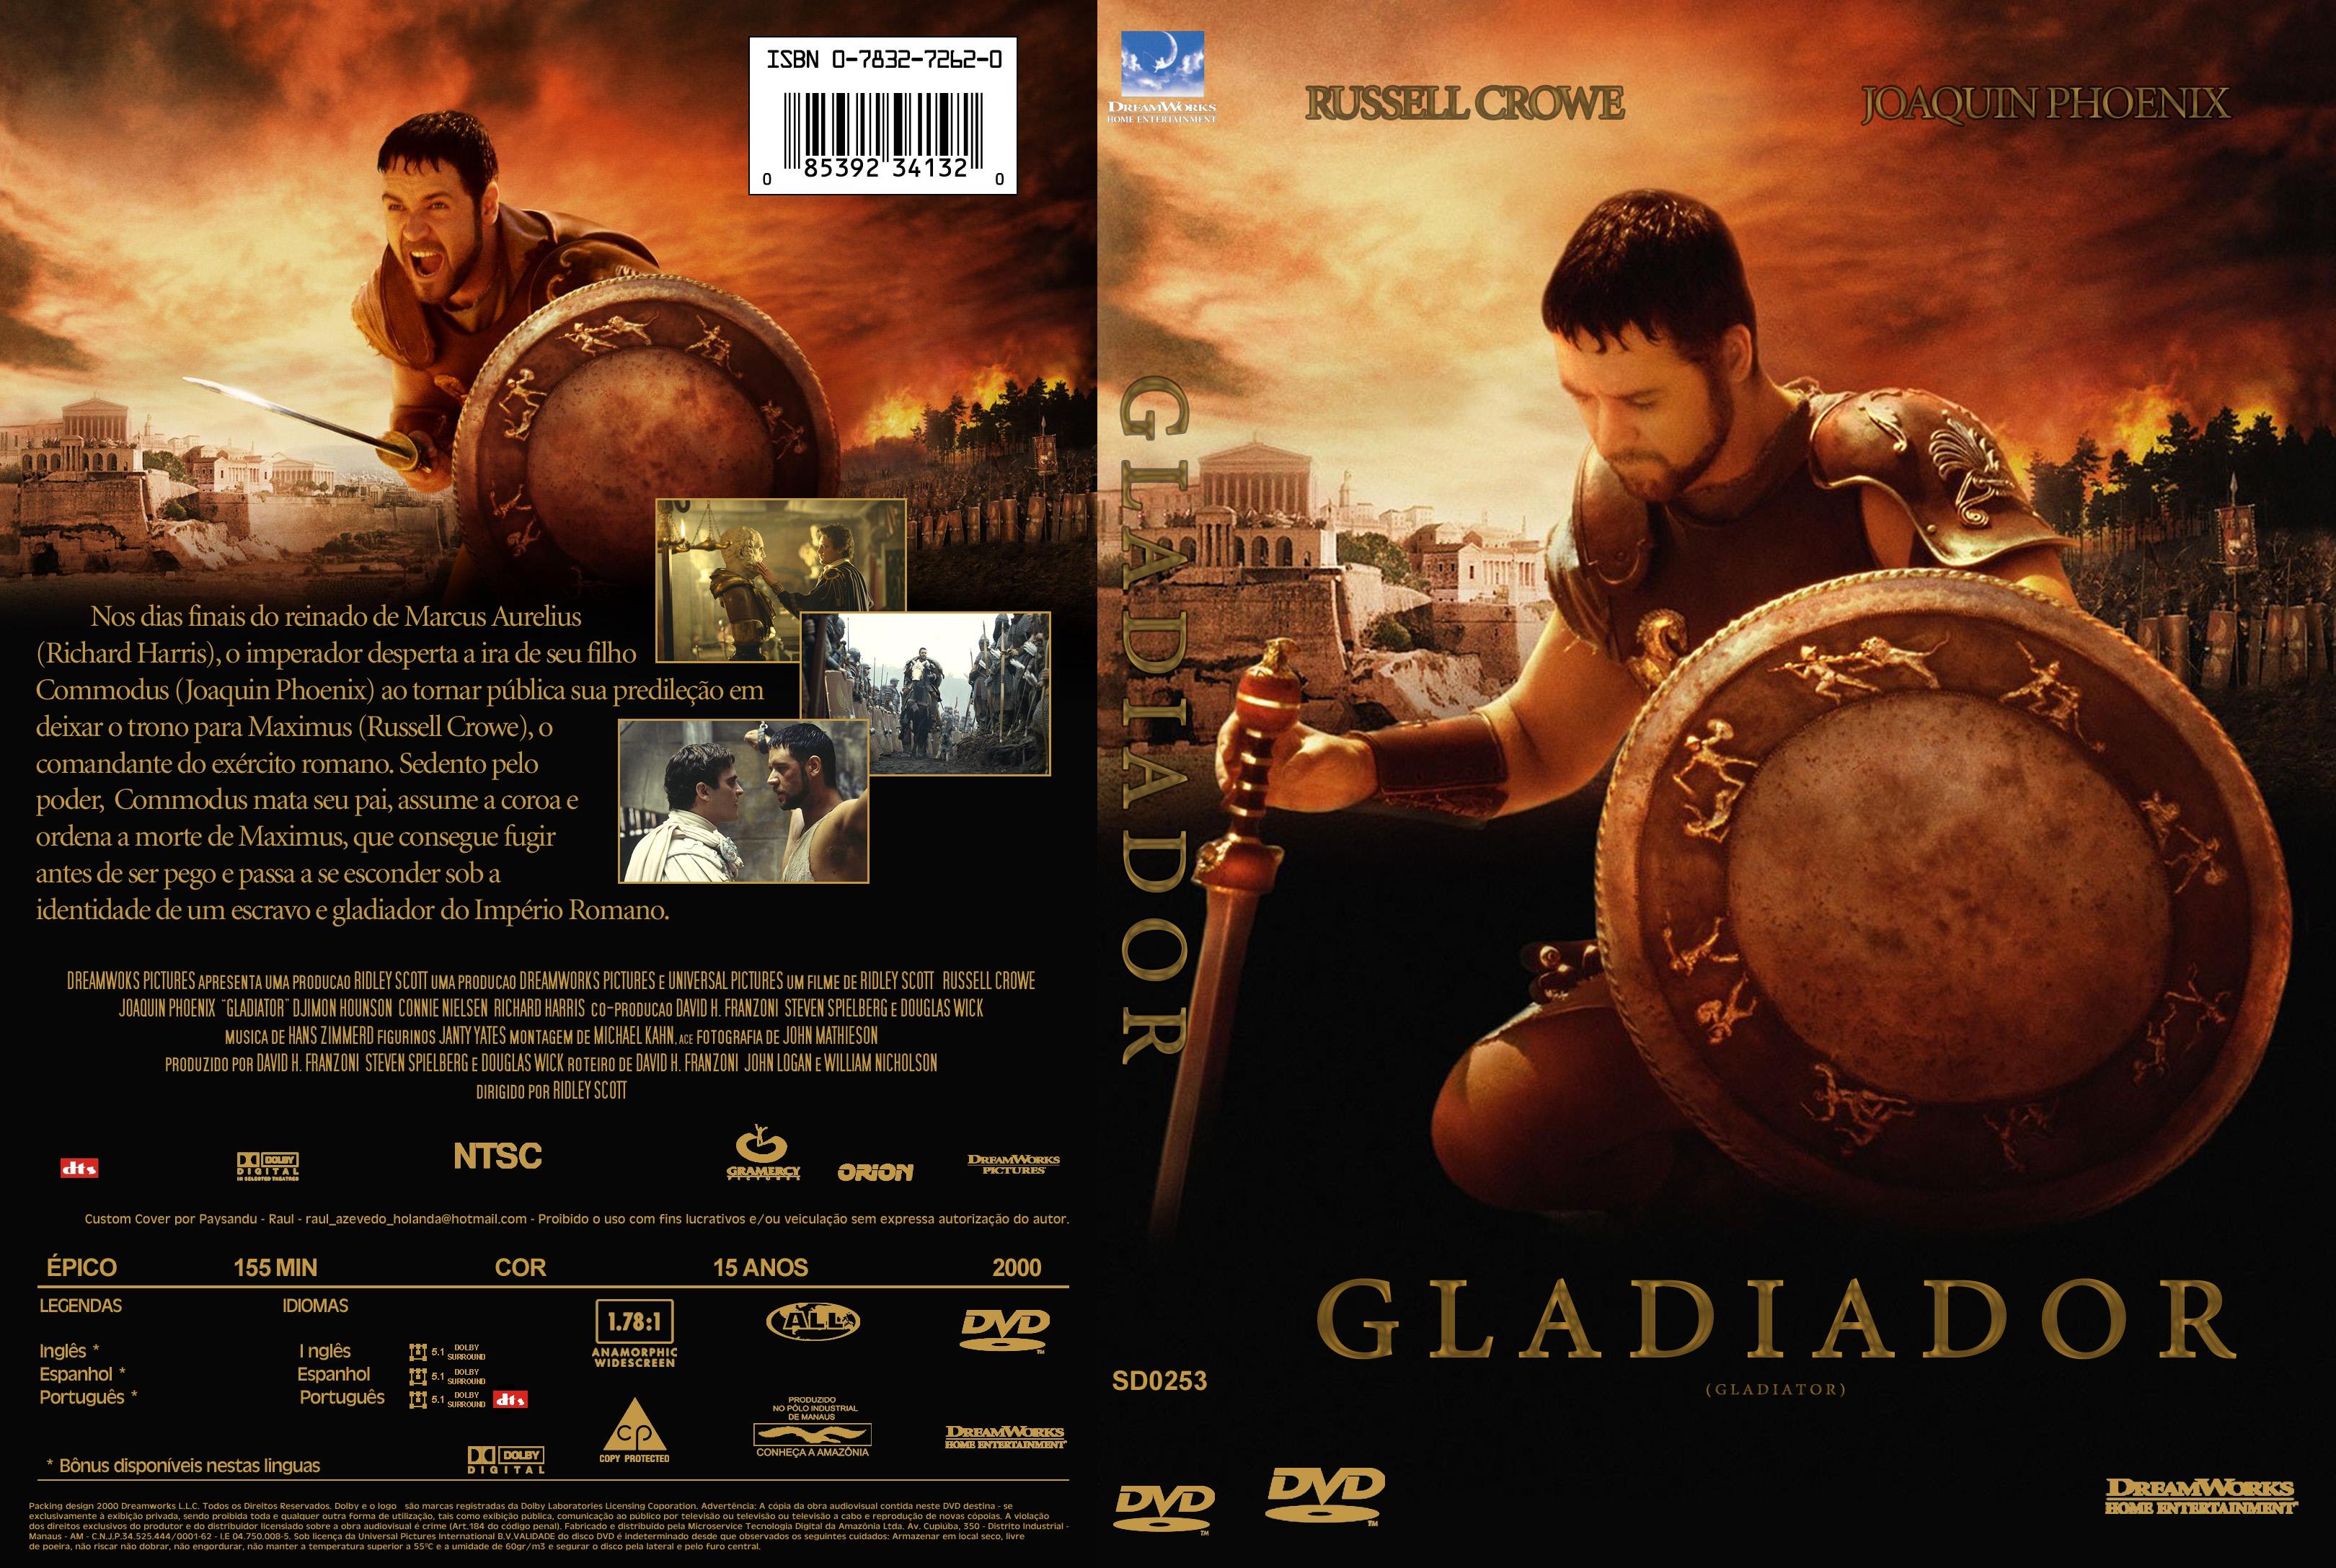 Baixar Gladiador Dublado Download Filme Avi Rmvb | Apps ...